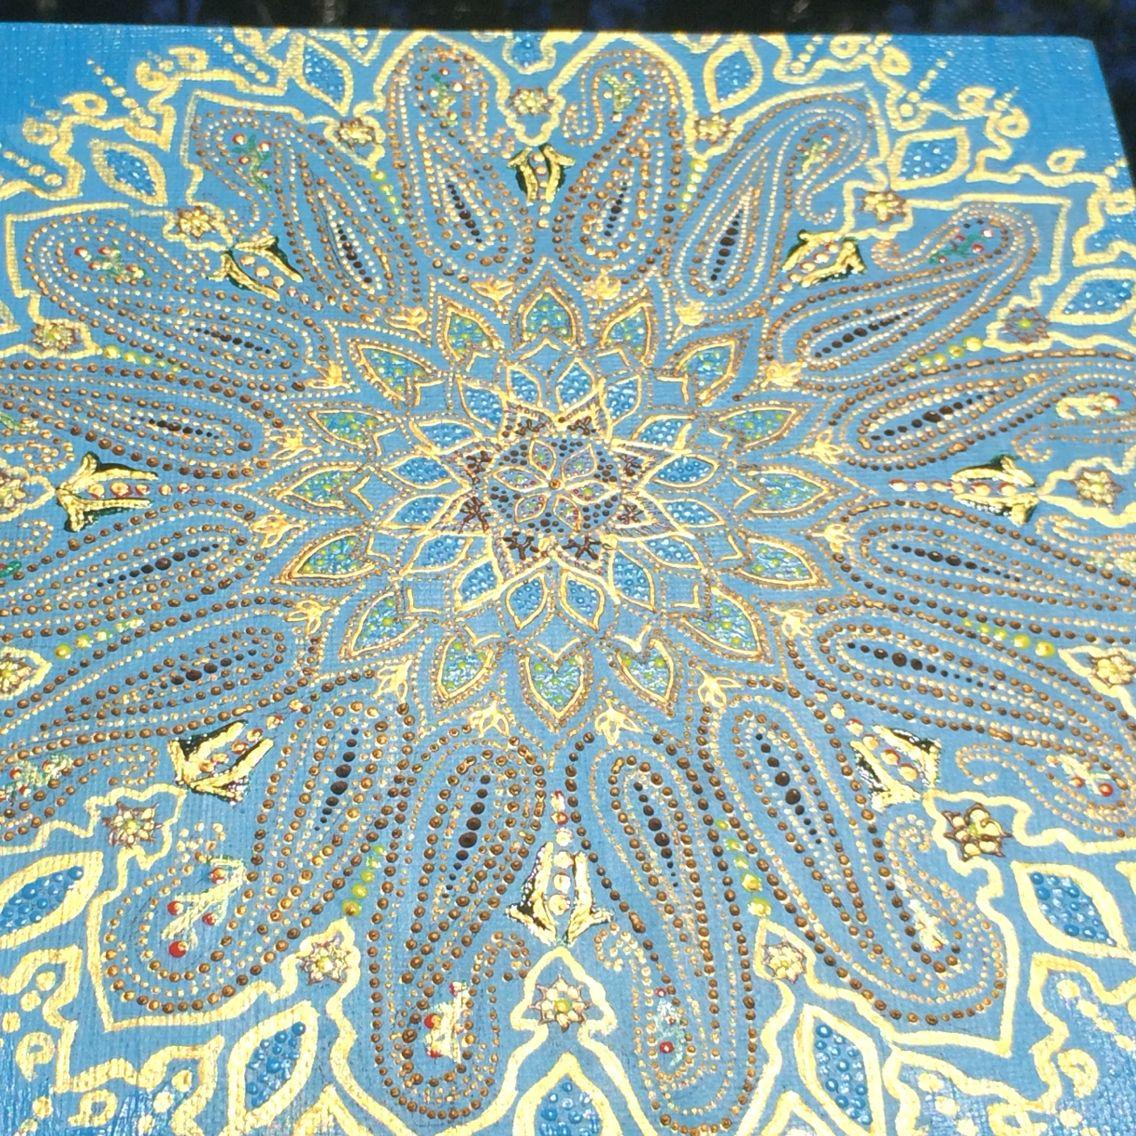 Восточная Мандала,с символикой пейсли(«огурцы»),символизирующие хобот Бога Ганеши.  Карл Юнг считал, что рисунок Мандалы представляет собой единство личности и всей Вселенной. Наличие Мандалы в доме способно привнести в нашу жизнь энергию целостности и единения… В восточной культуре самым сокровенным слогом является слог АУМ (ОМ). Этот слог в санскрите звучит как вибрация, которая считается звуком сотворения мироздания, звуком, который может привести человека к полной трансформации.